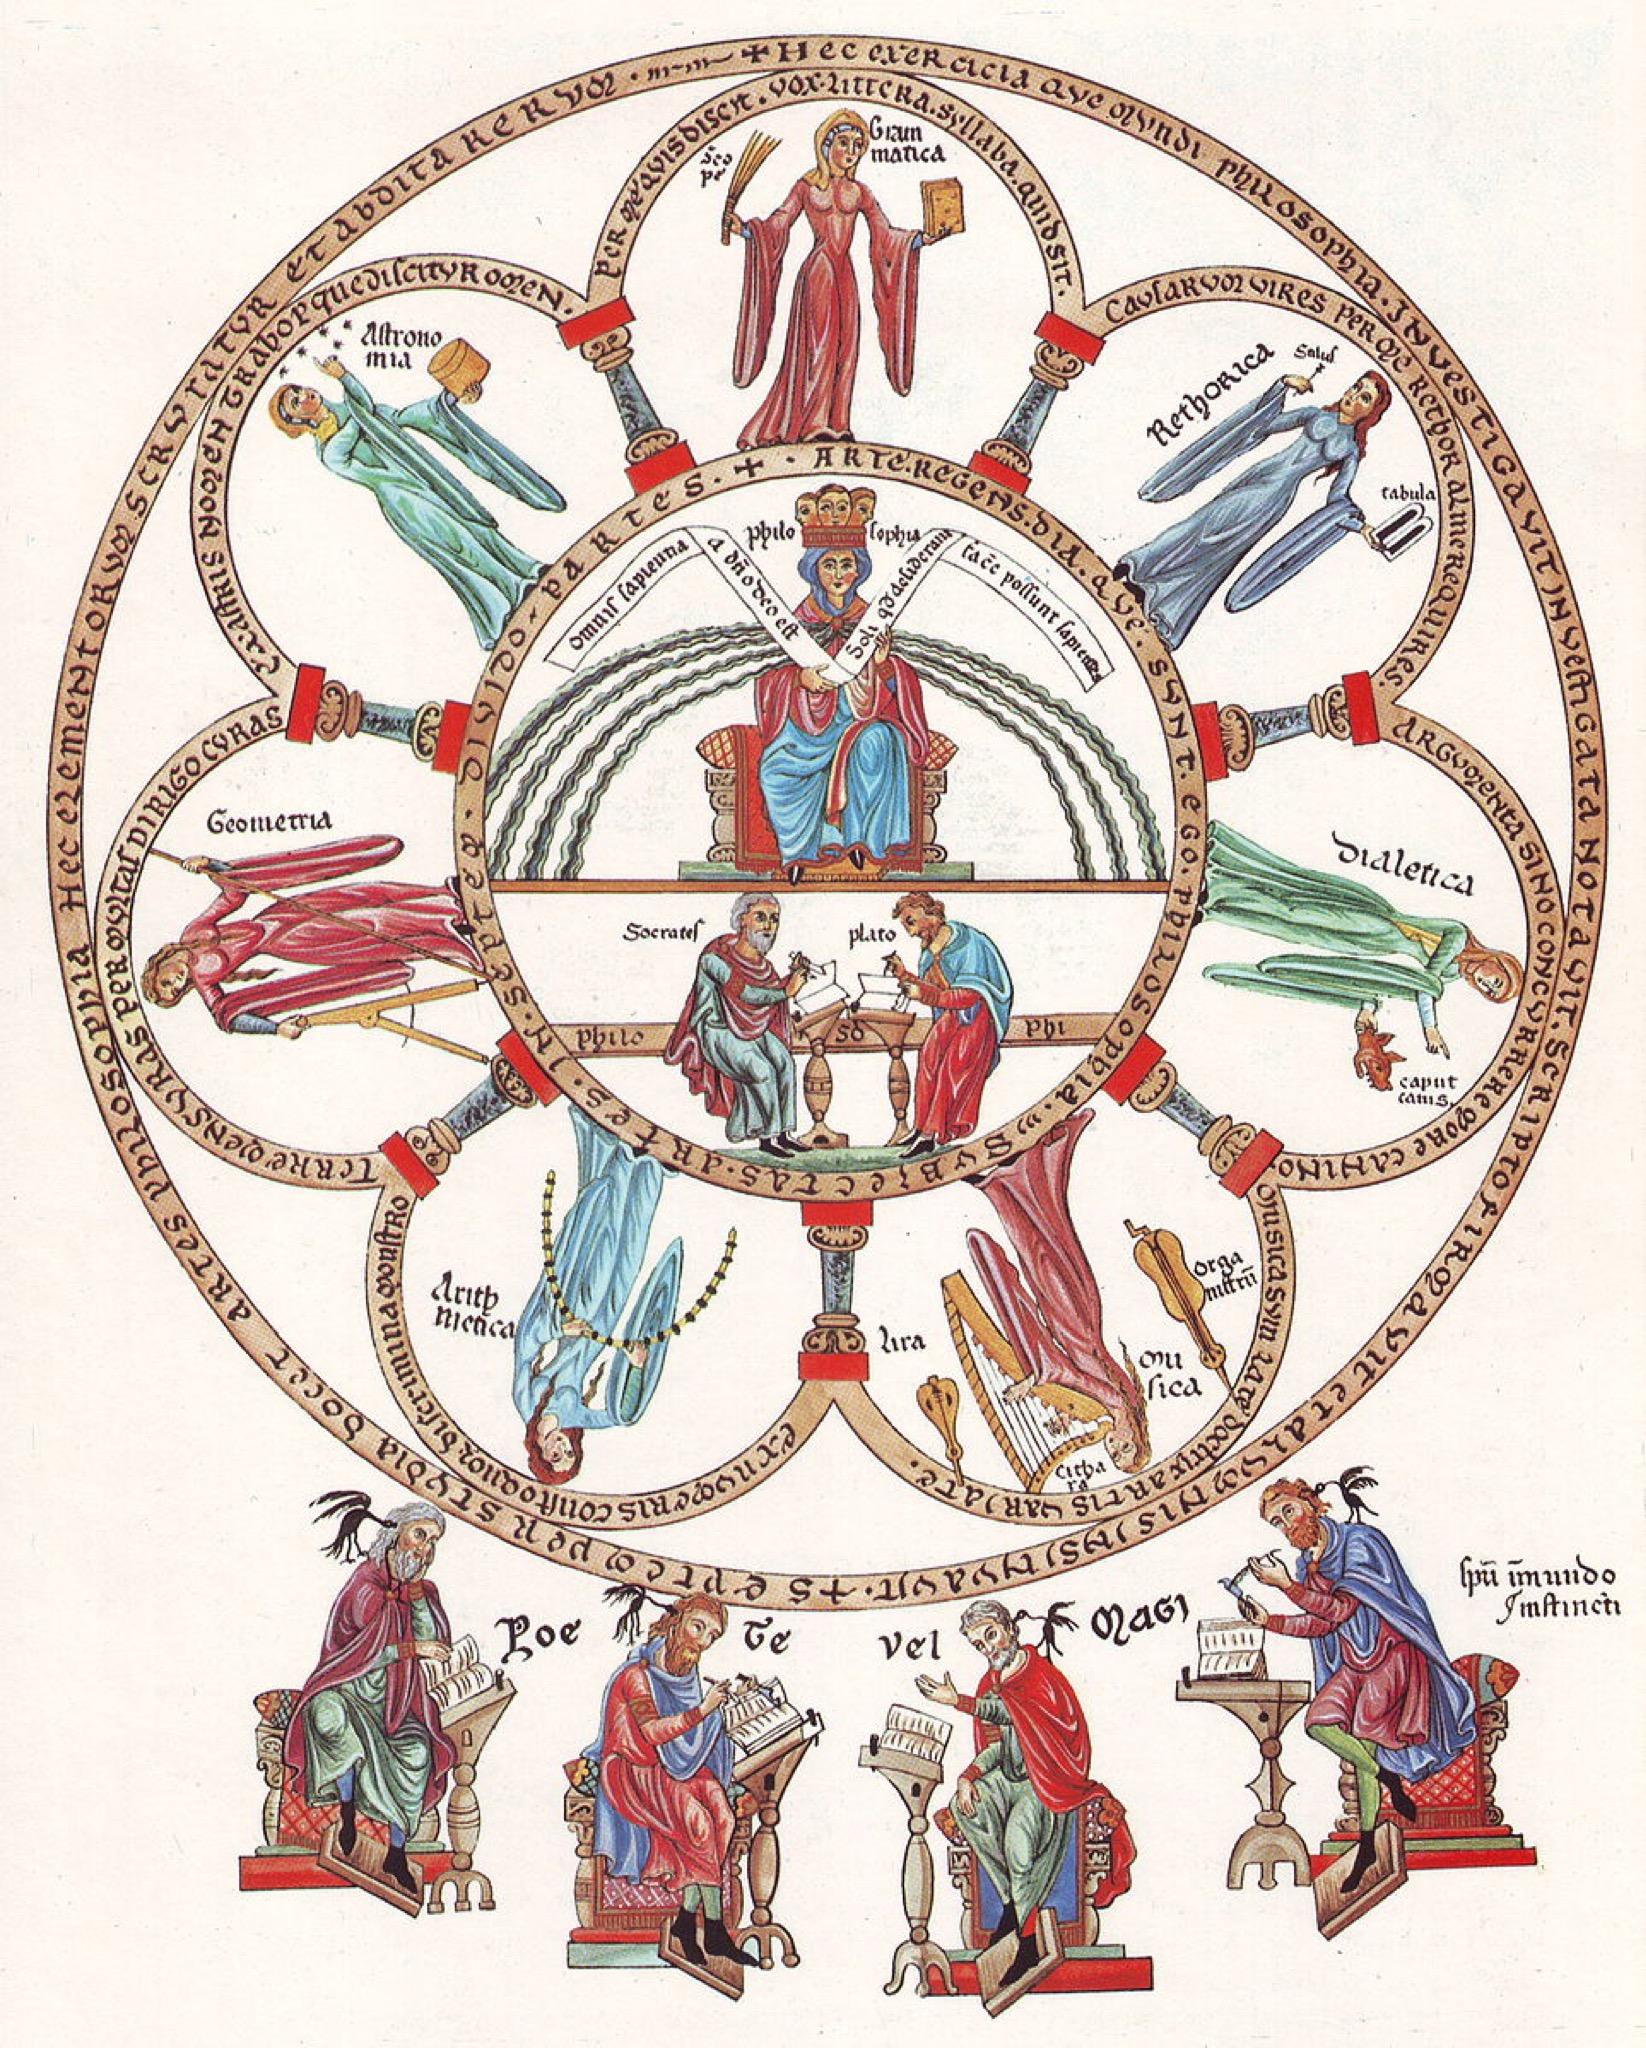 Hortus Deliciarum, Die Philosophie mit den sieben freien Künsten